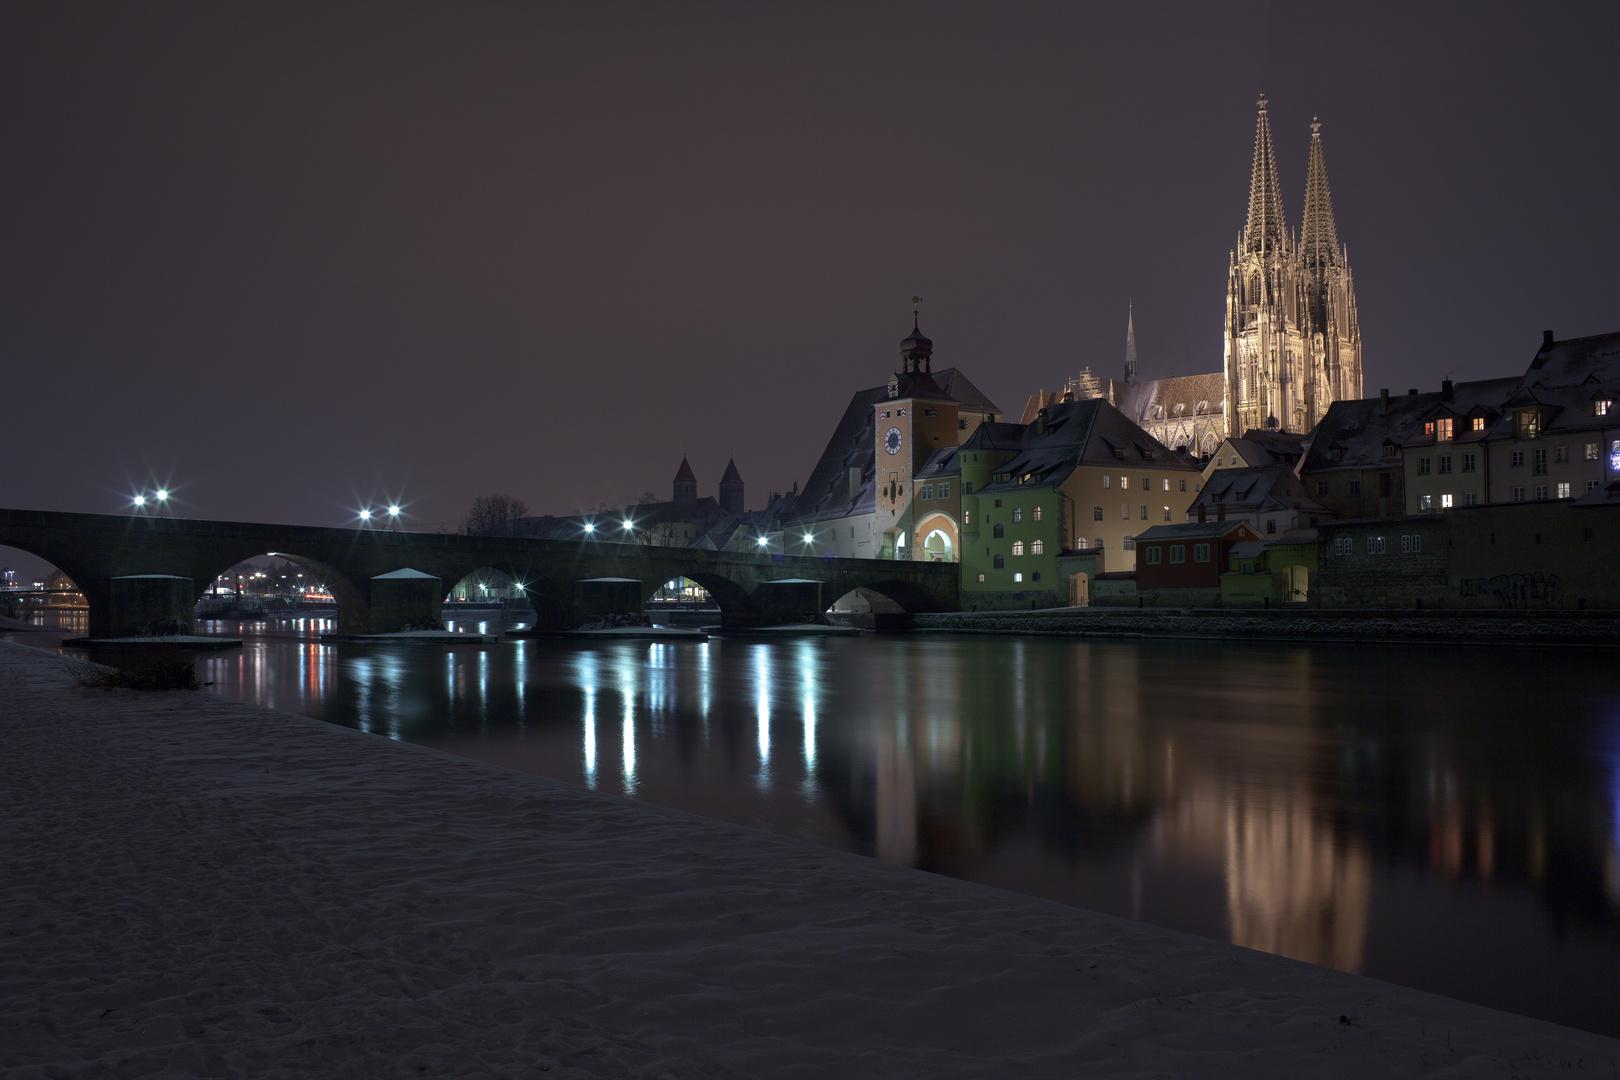 Wieder mal Regensburg - im Winter - und saukalt (beim fotografieren)